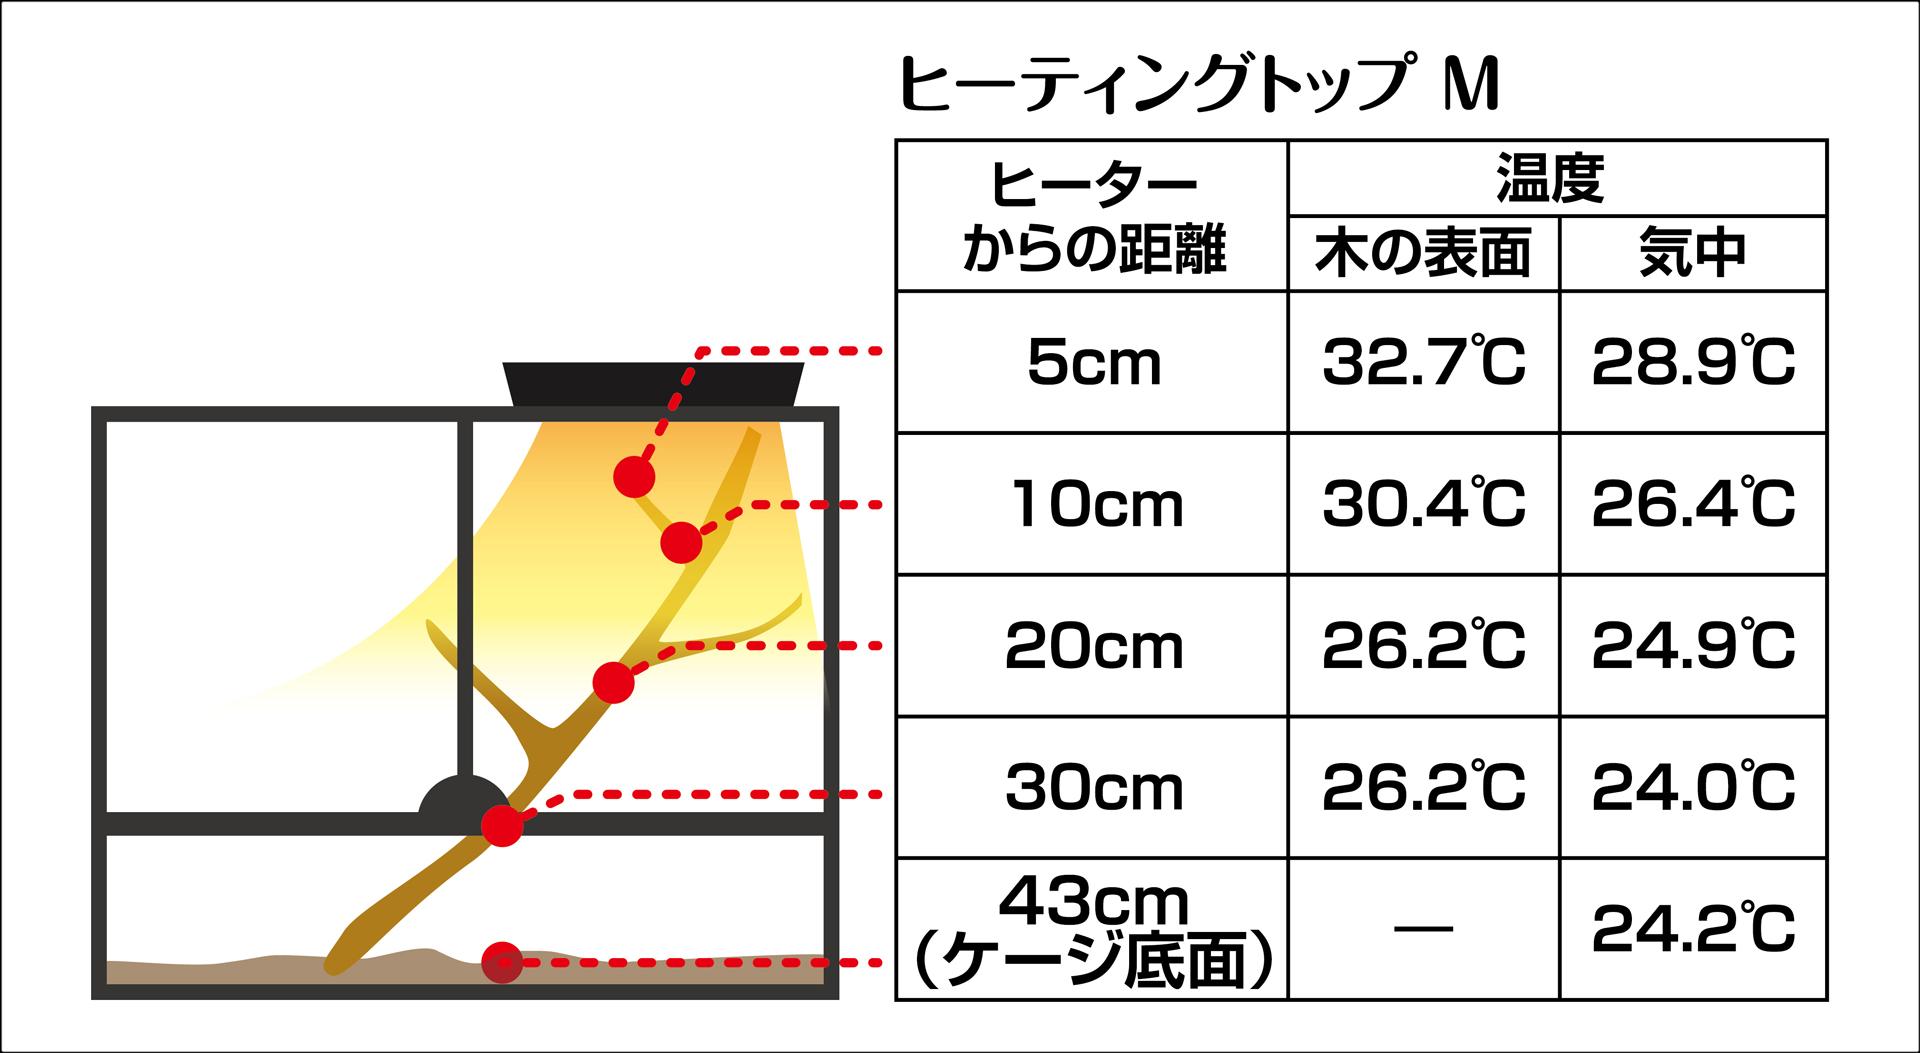 ヒーティングトップM 温度測定実測値